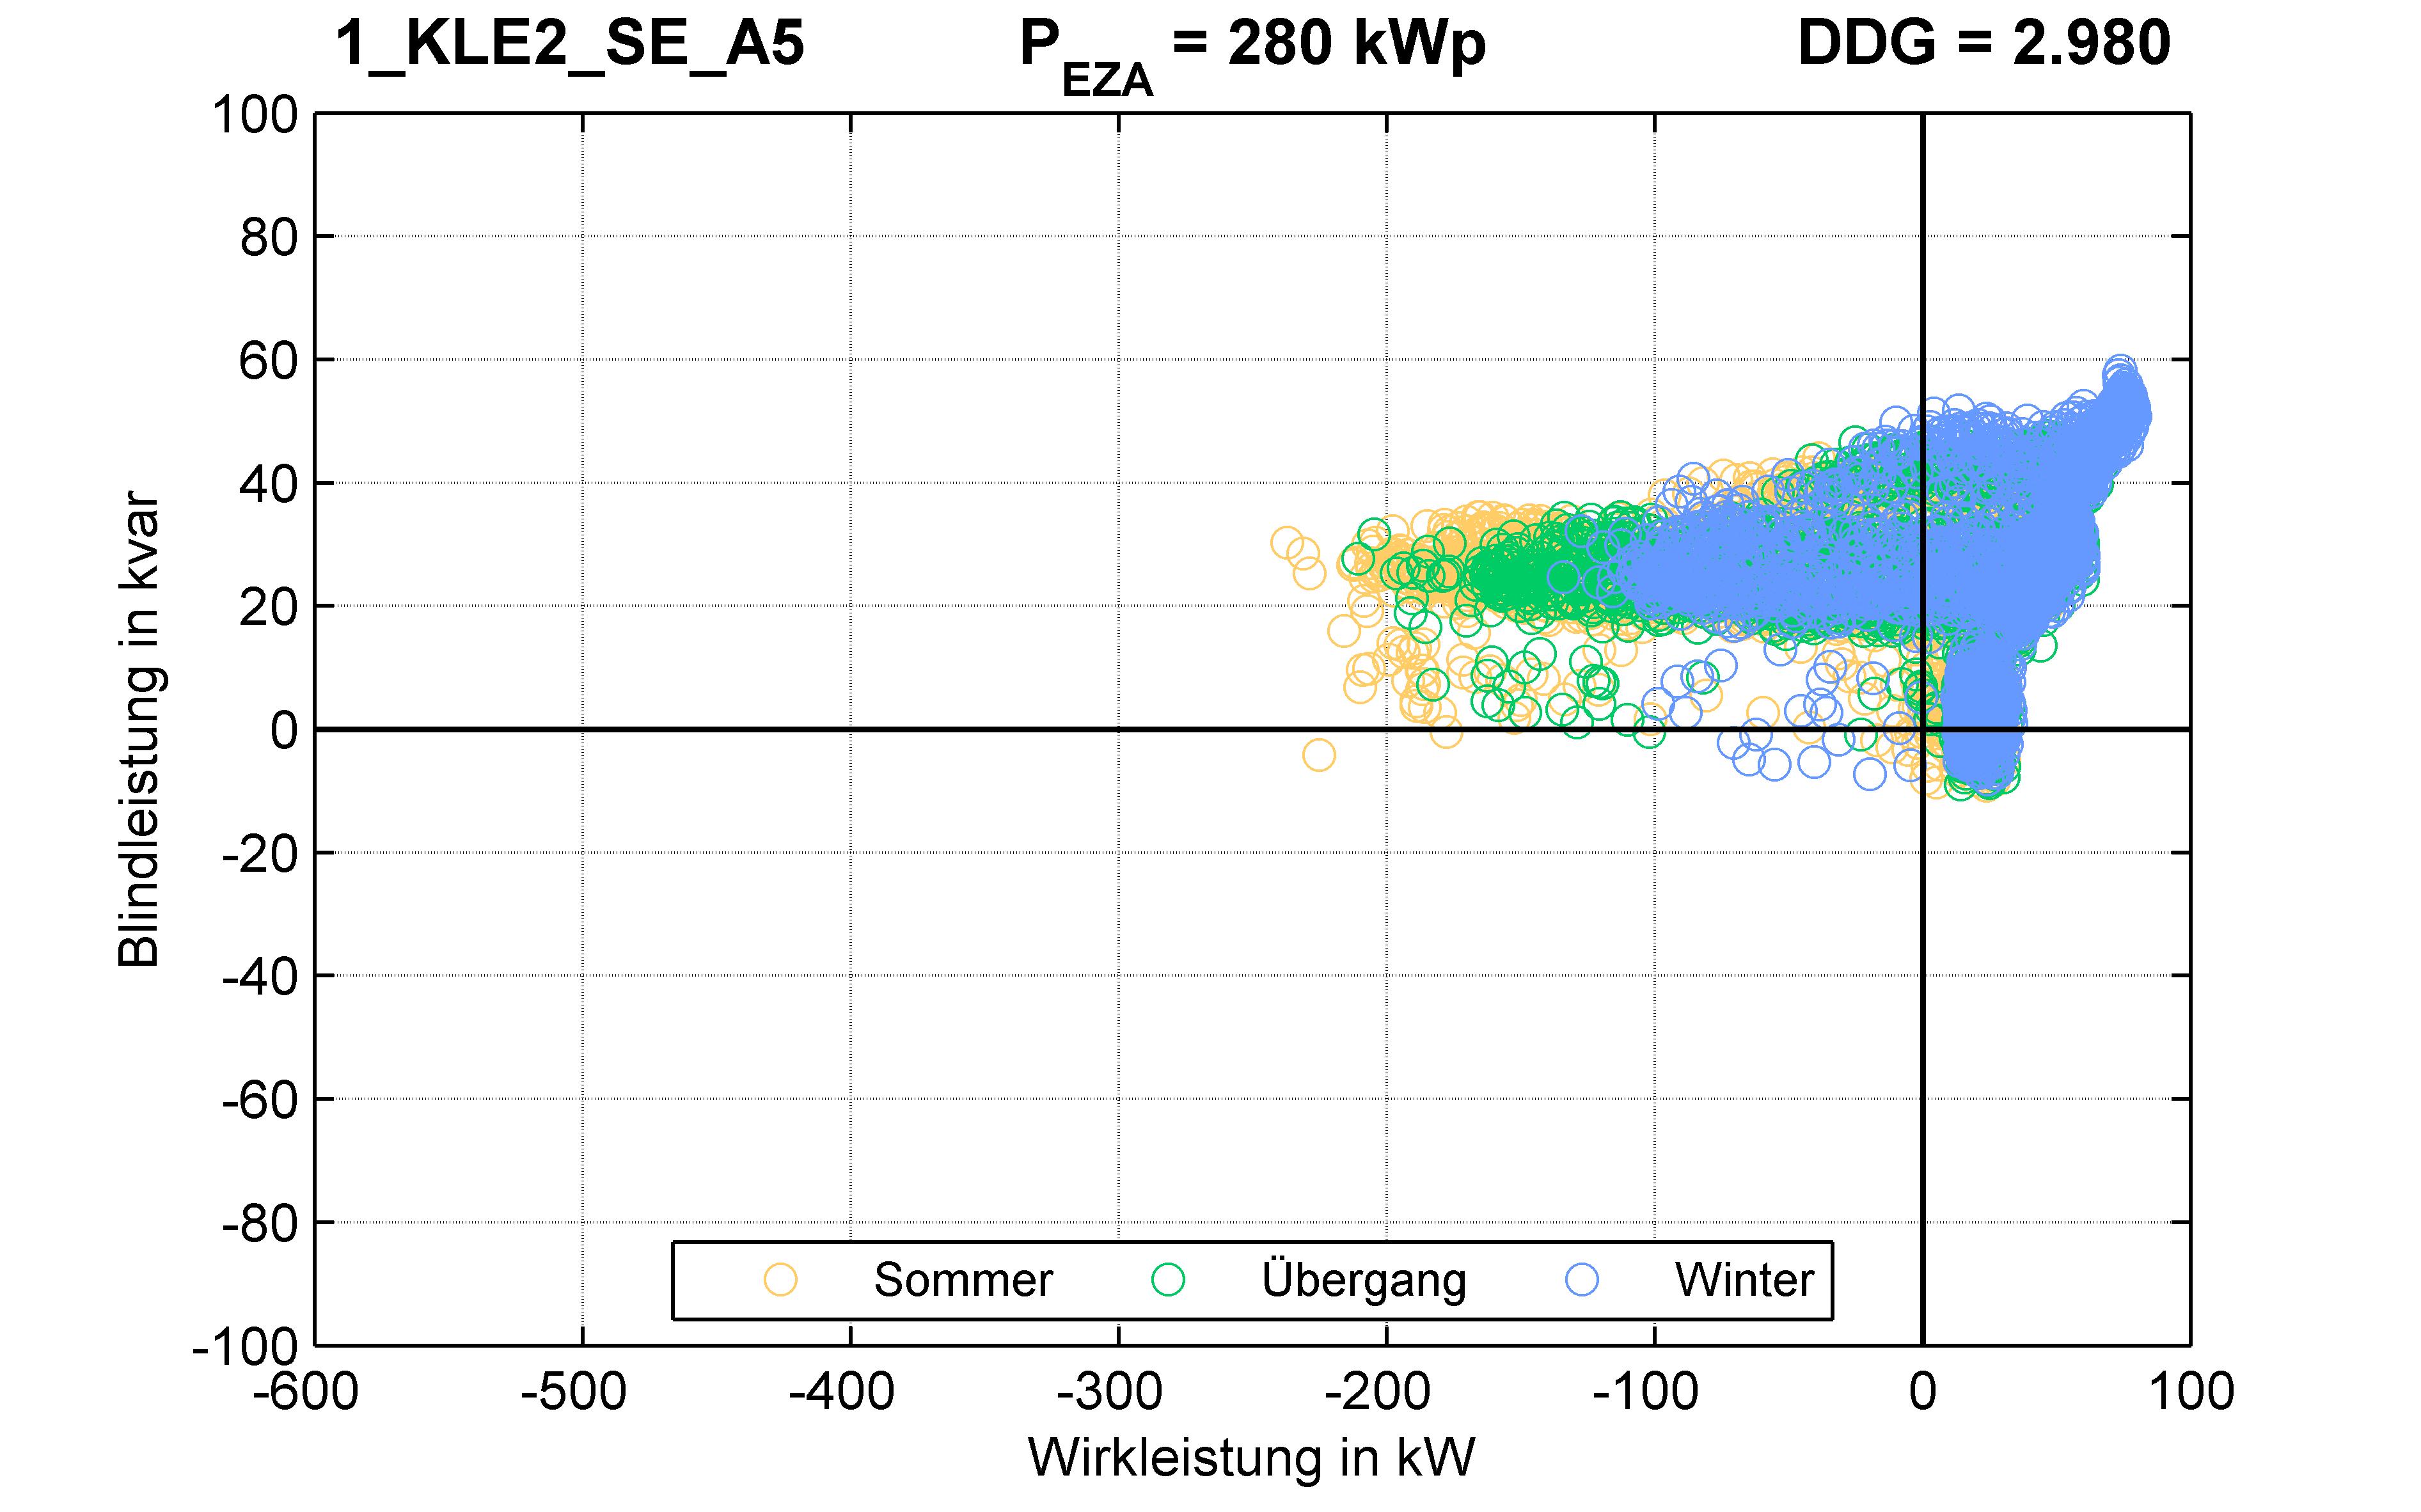 KLE2 | KABEL (SE) A5 | PQ-Verhalten